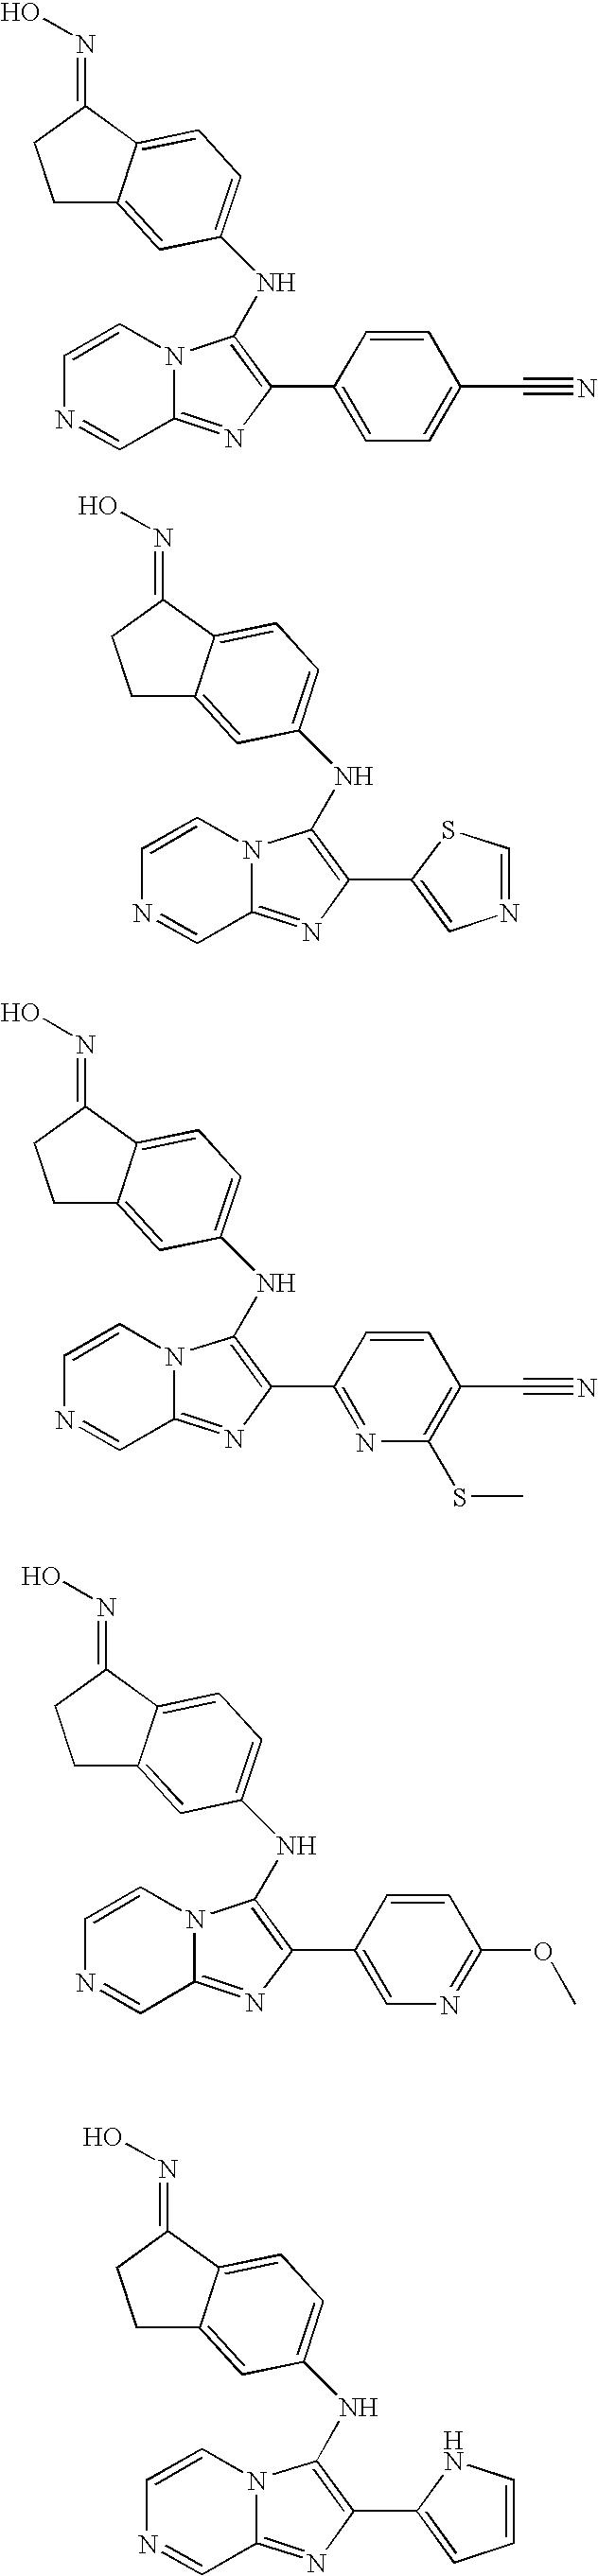 Figure US07566716-20090728-C00146